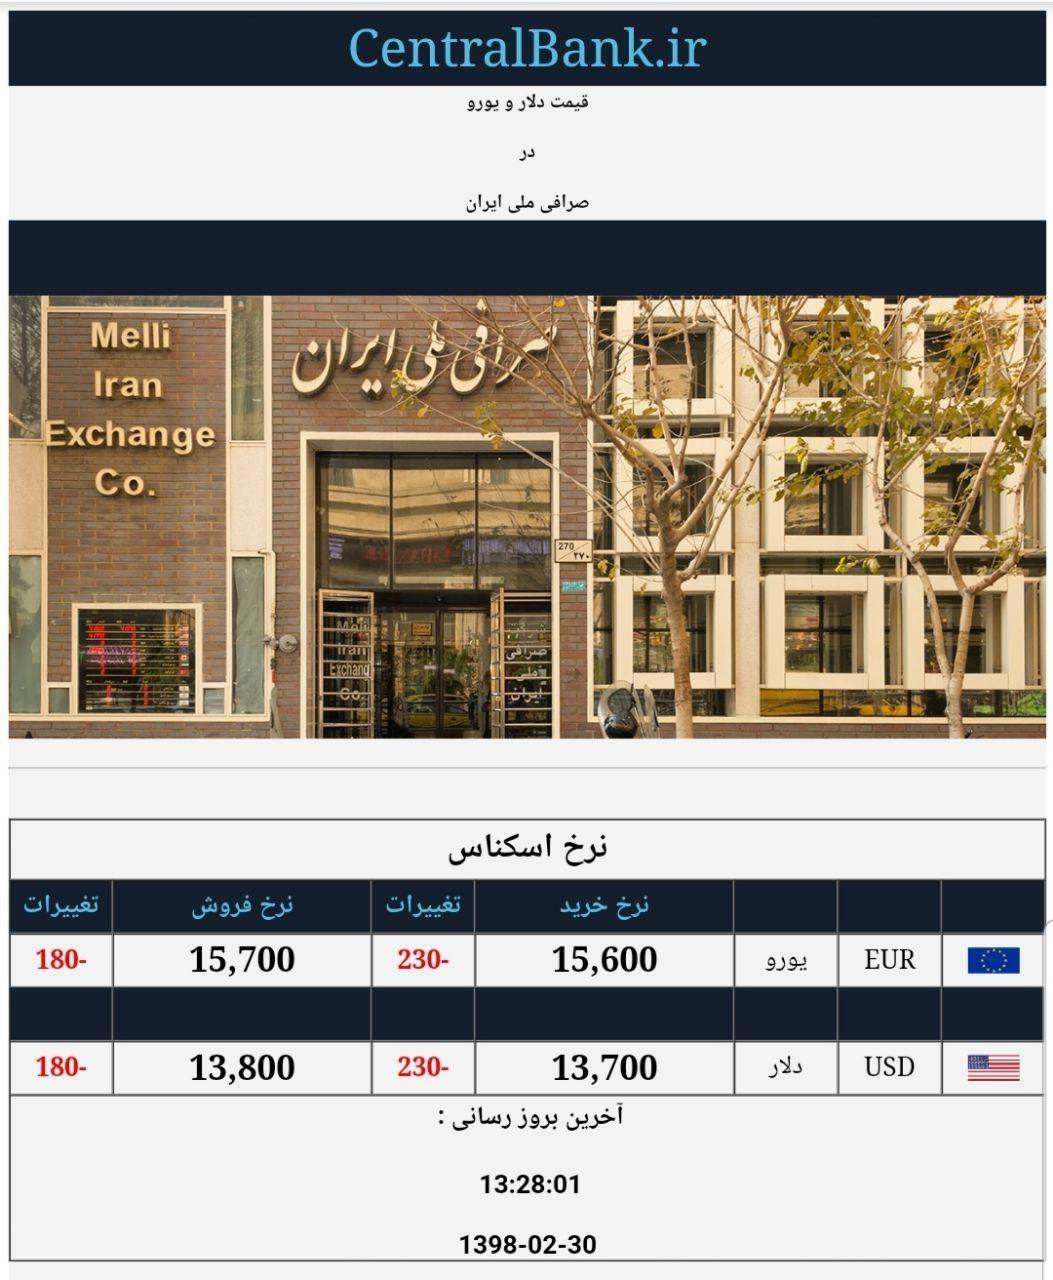 قیمت دلار و یورو در صرافی ملی امروز ۱۳۹۸/۰۲/۳۰  بازگشت دلار به کانال ۱۳ هزار تومان